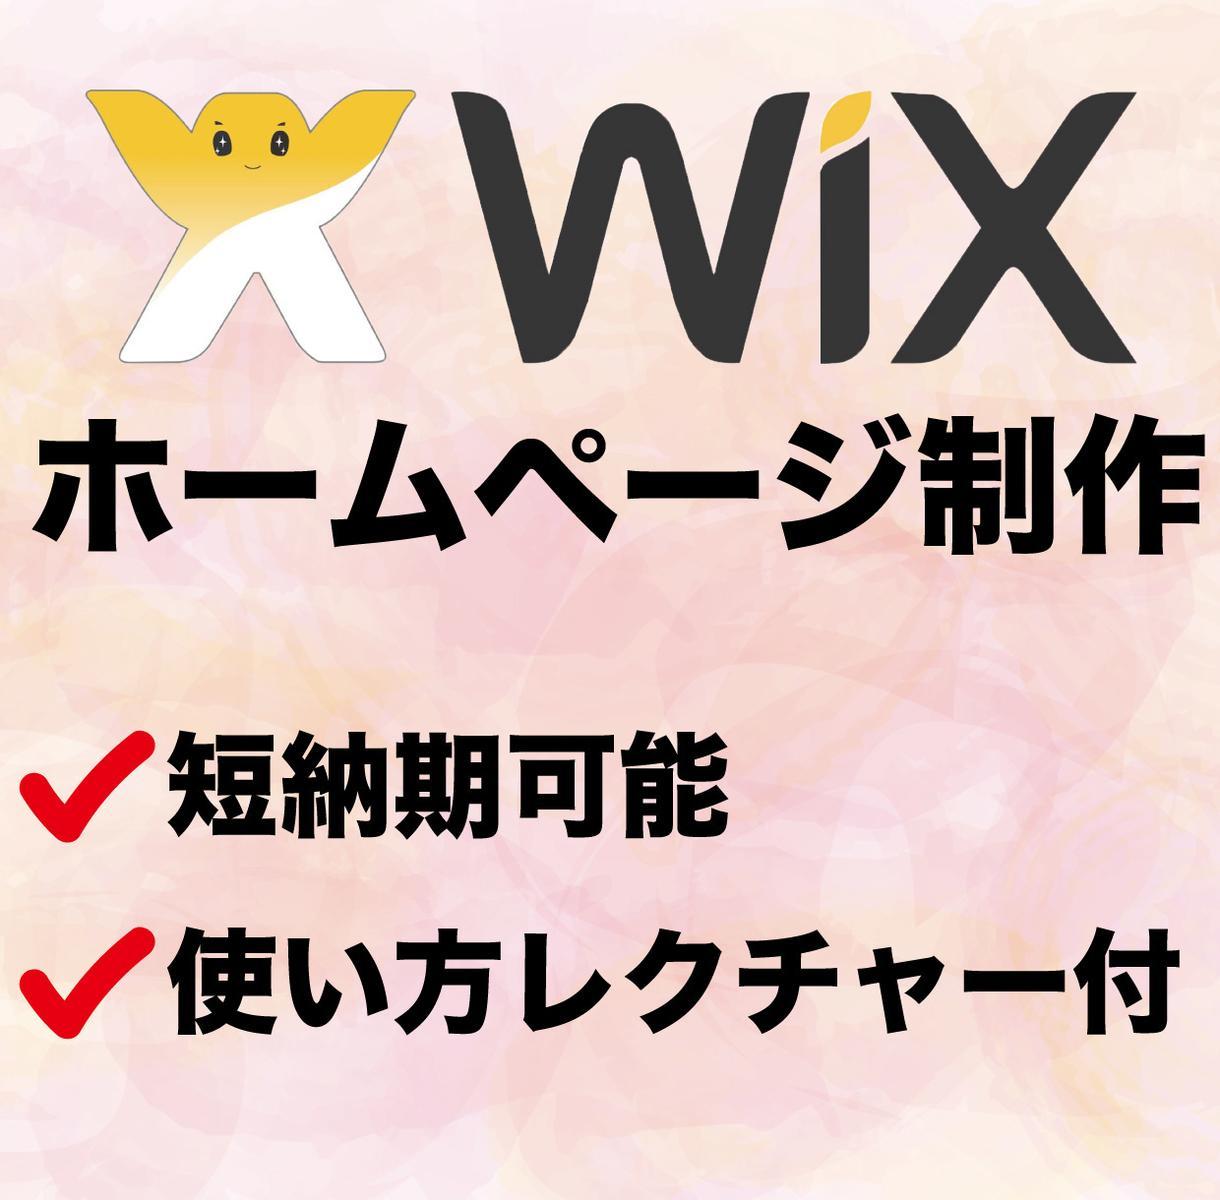 wix講師が【wixでホームページ】作ります Wix講師が作るので、管理・更新方法も伝授します☆ イメージ1